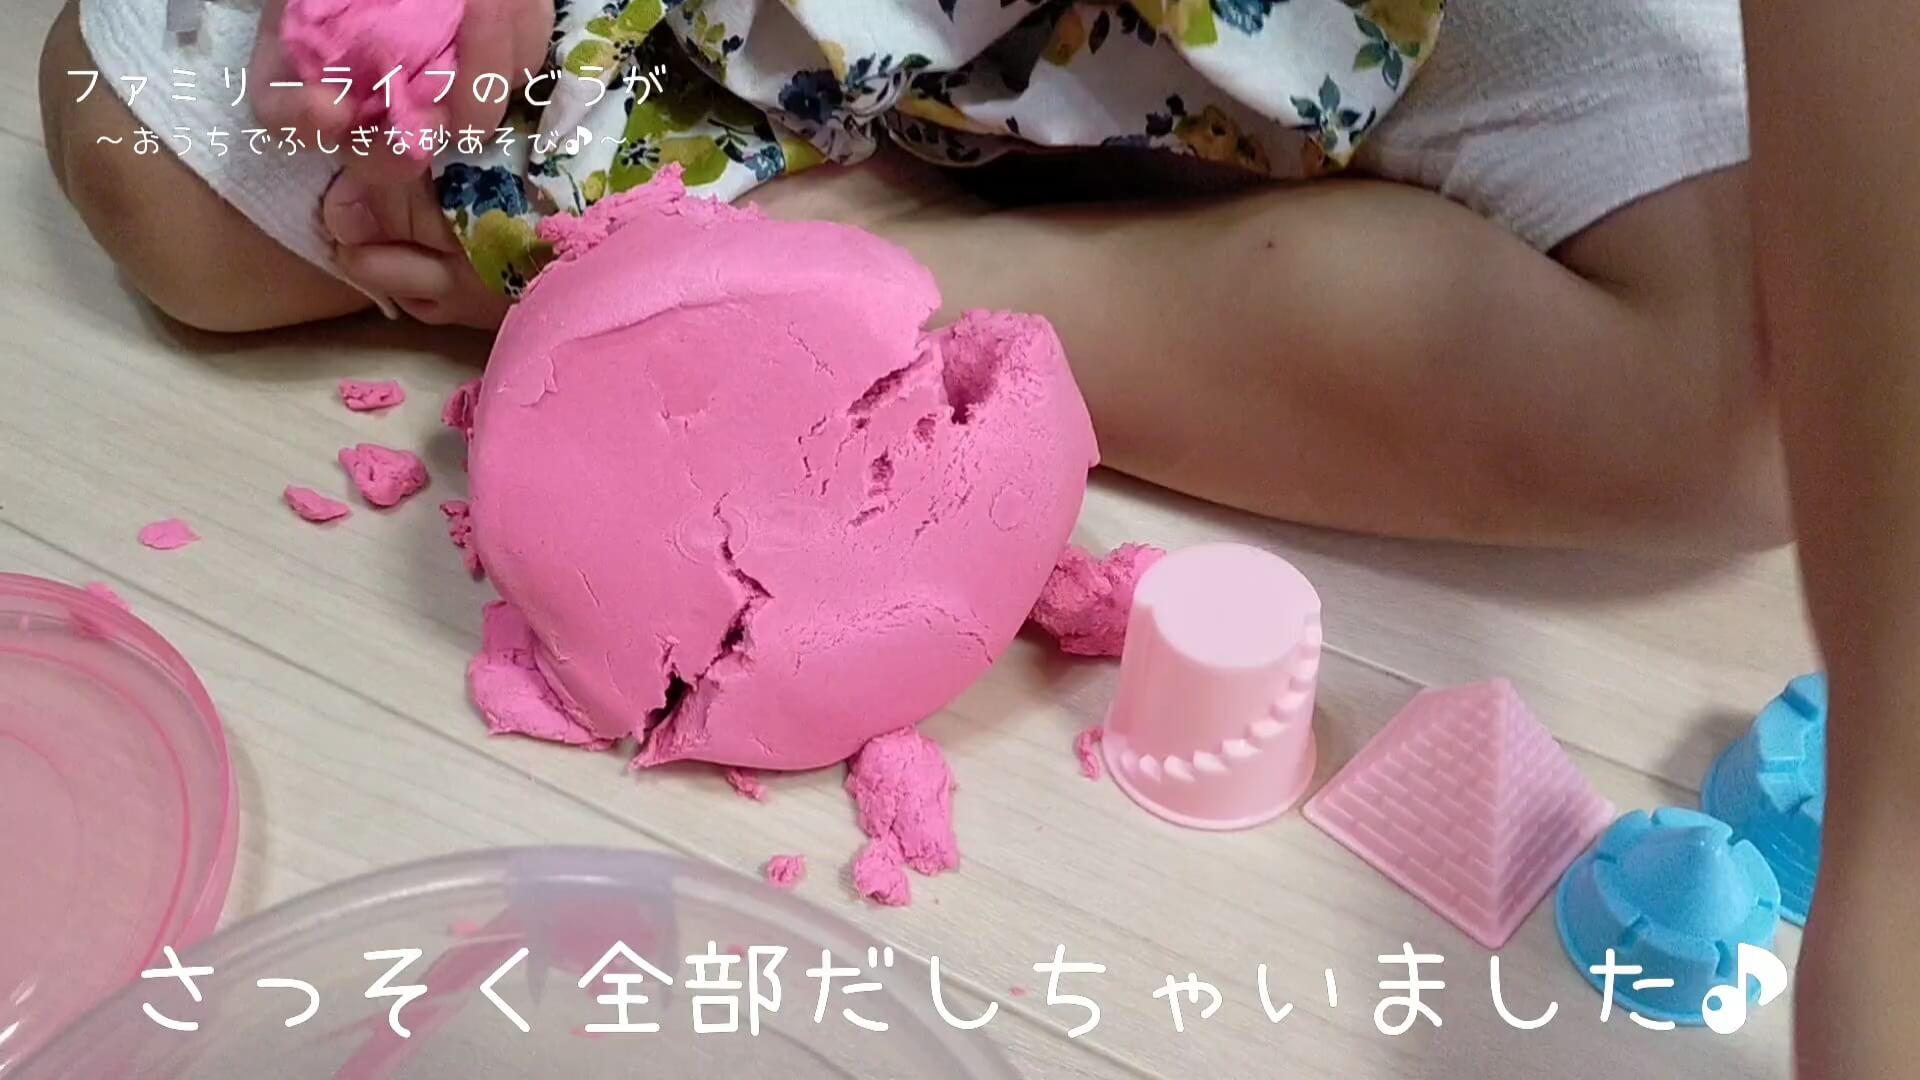 【おうちでふしぎな砂あそび】家の中で遊べる粘土みたいな不思議な砂!?娘と遊んでみた♪【300円均一】